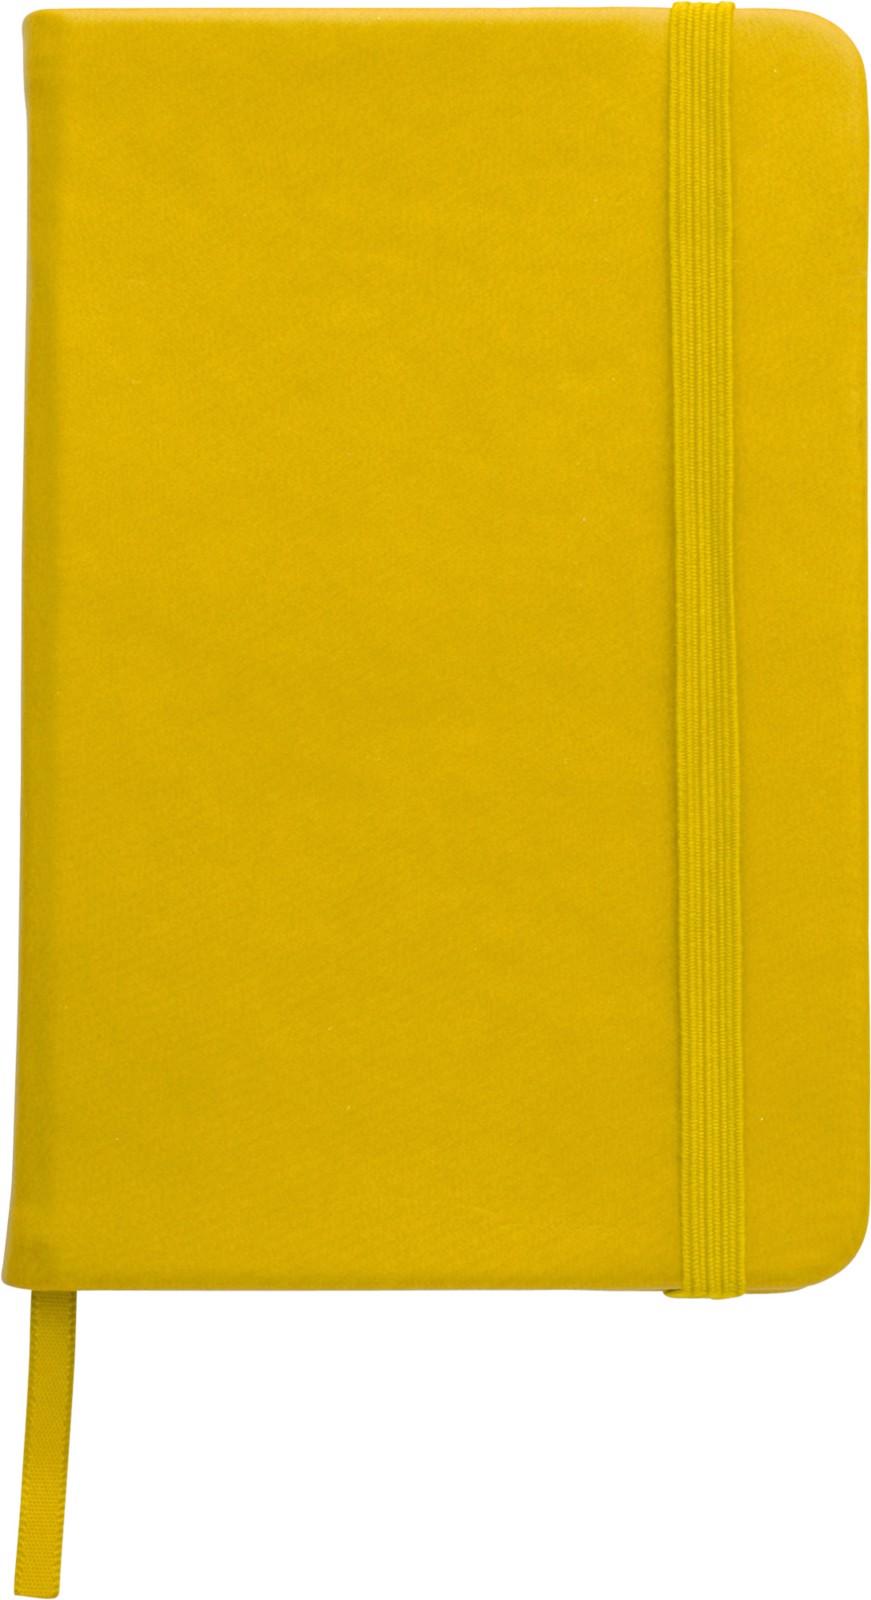 PU notebook - Yellow